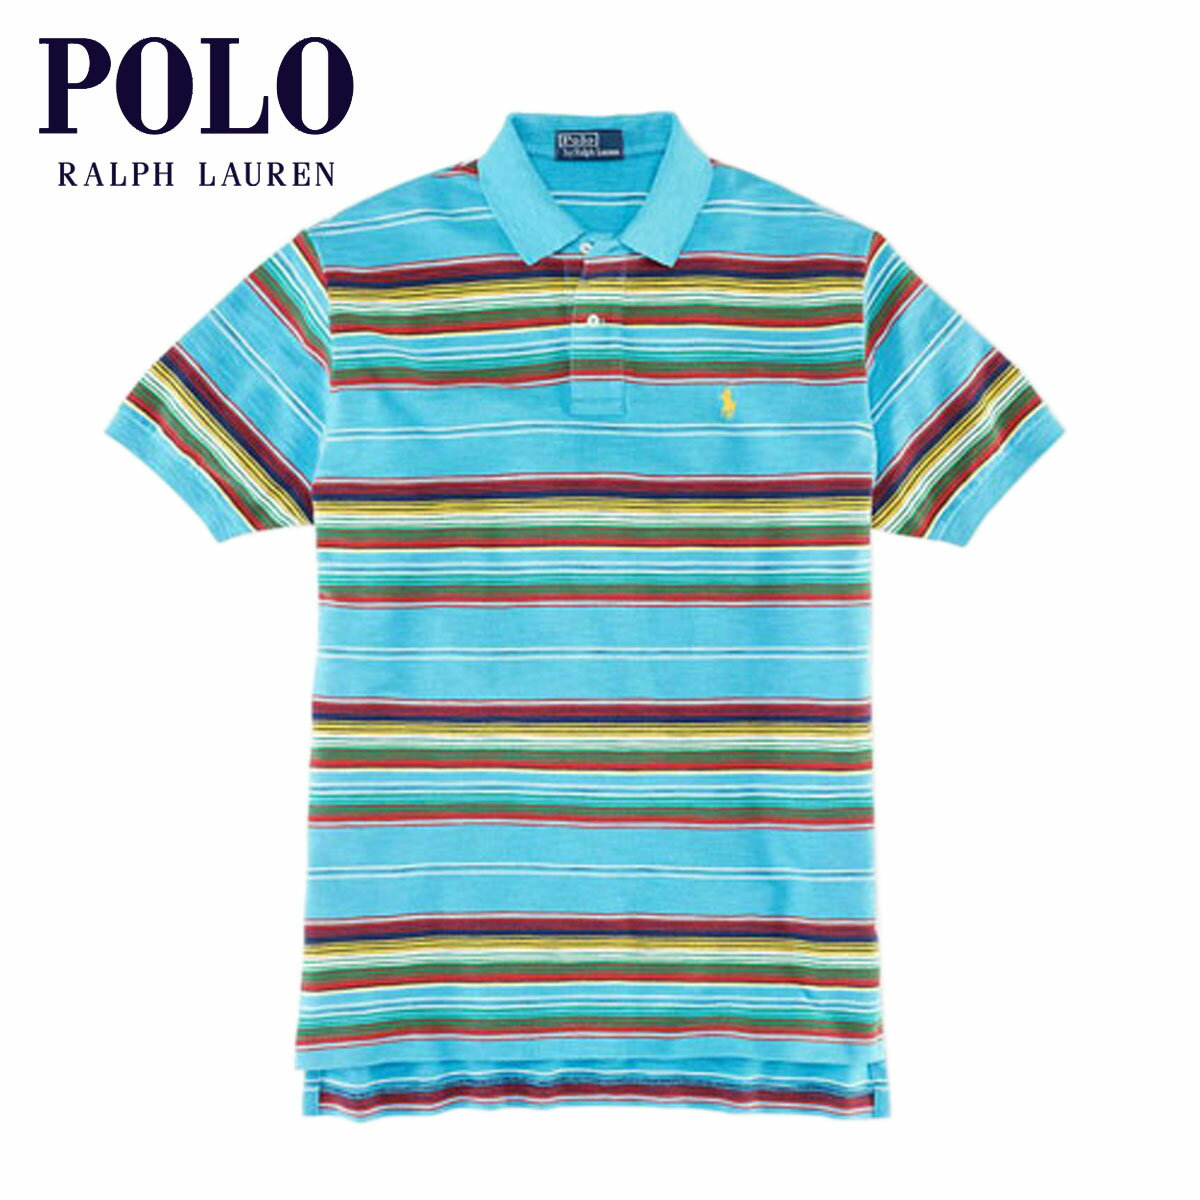 【販売期間 3/2 19:00~3/8 9:59】 ポロ ラルフローレン POLO RALPH LAUREN 正規品 メンズ ポロシャツ Classic-Fit Multi-Striped Polo BLUE